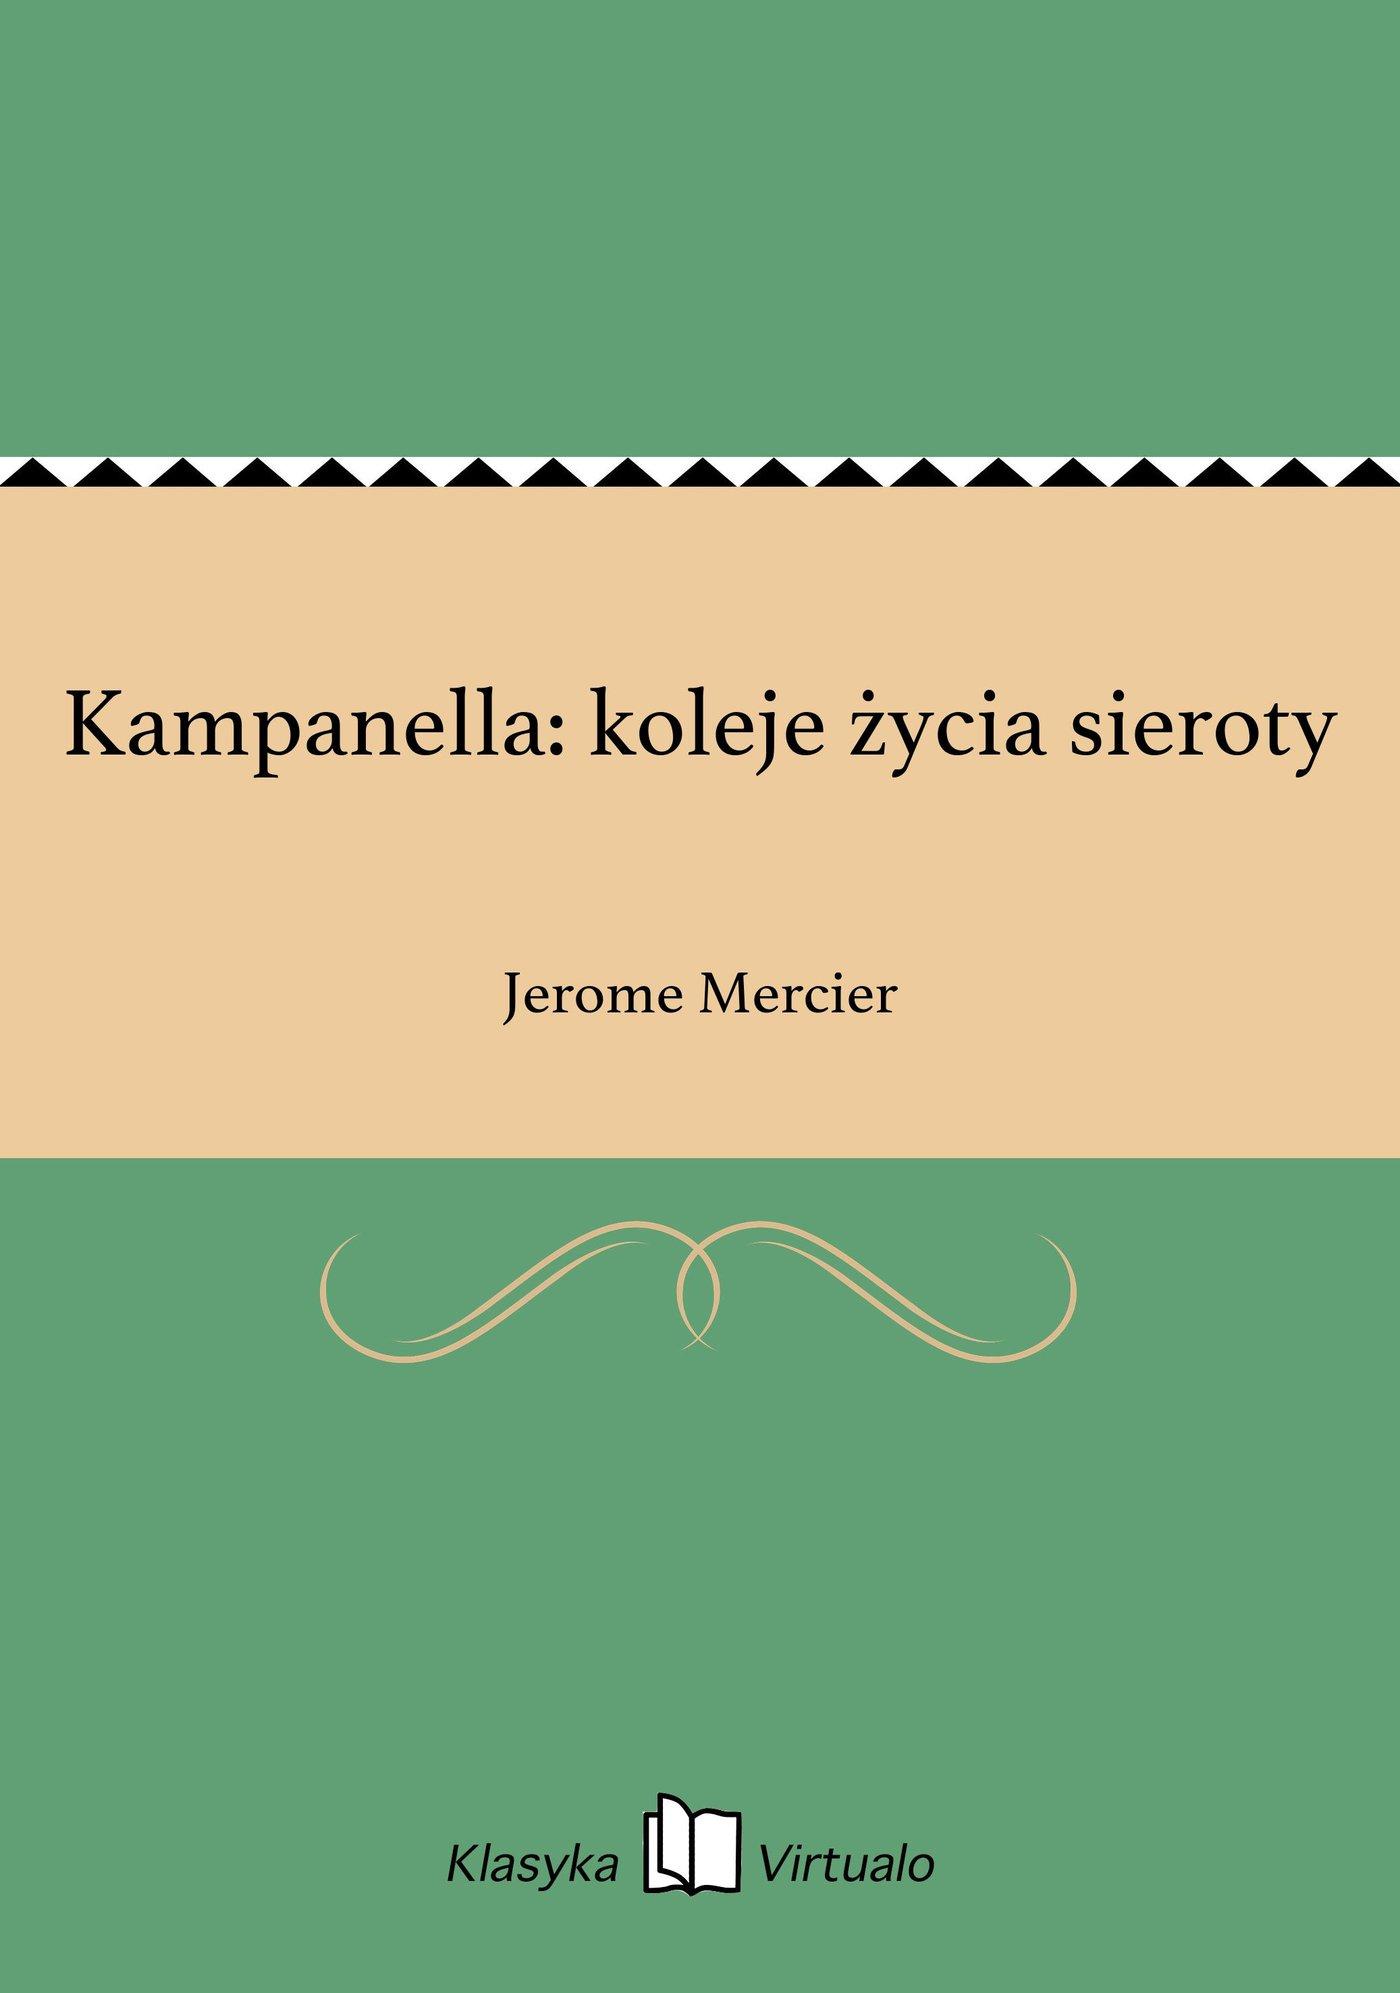 Kampanella: koleje życia sieroty - Ebook (Książka EPUB) do pobrania w formacie EPUB